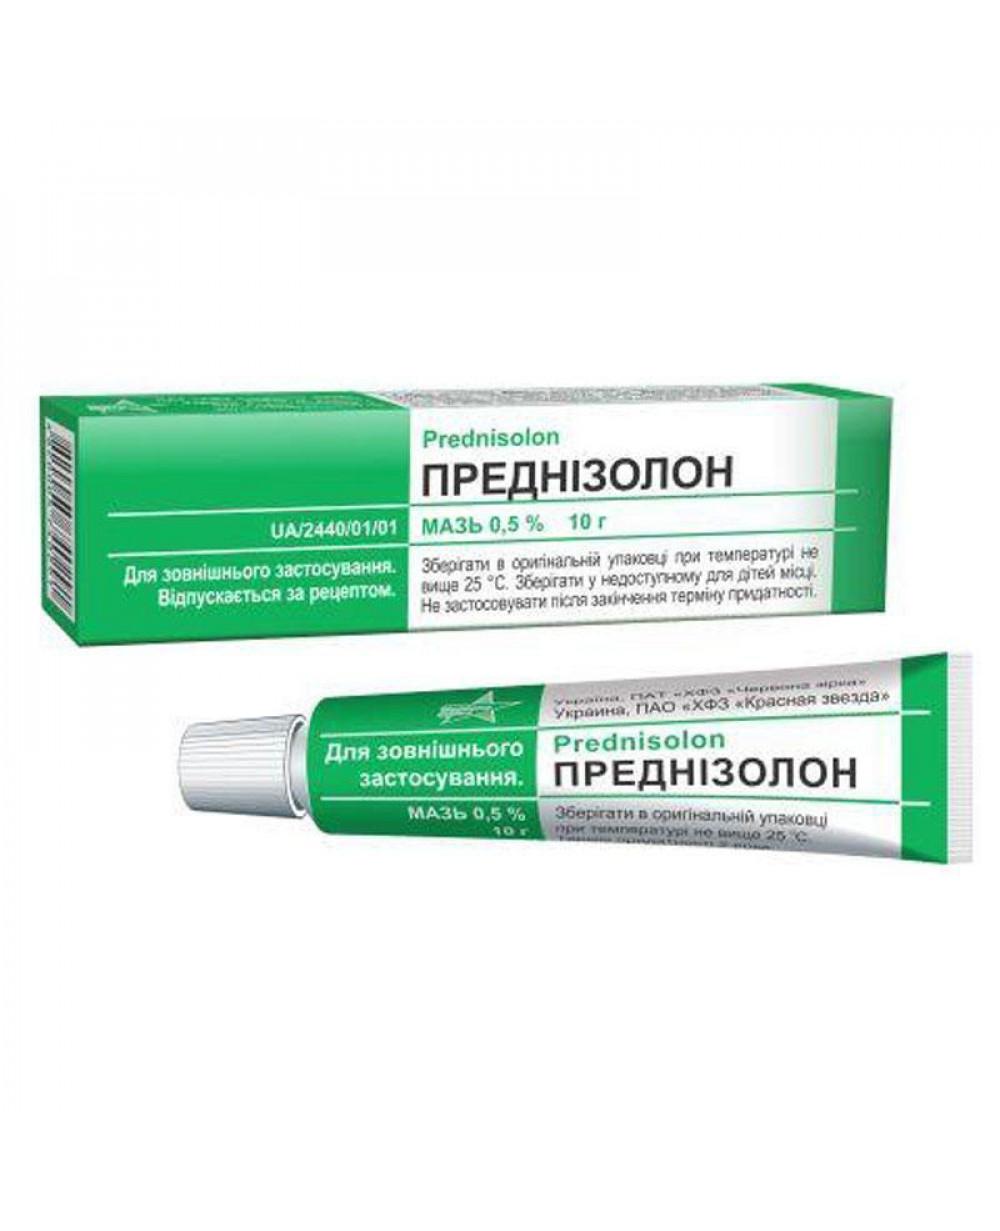 Тримистин: показания к применению, инструкция, побочные эффекты данного препарата